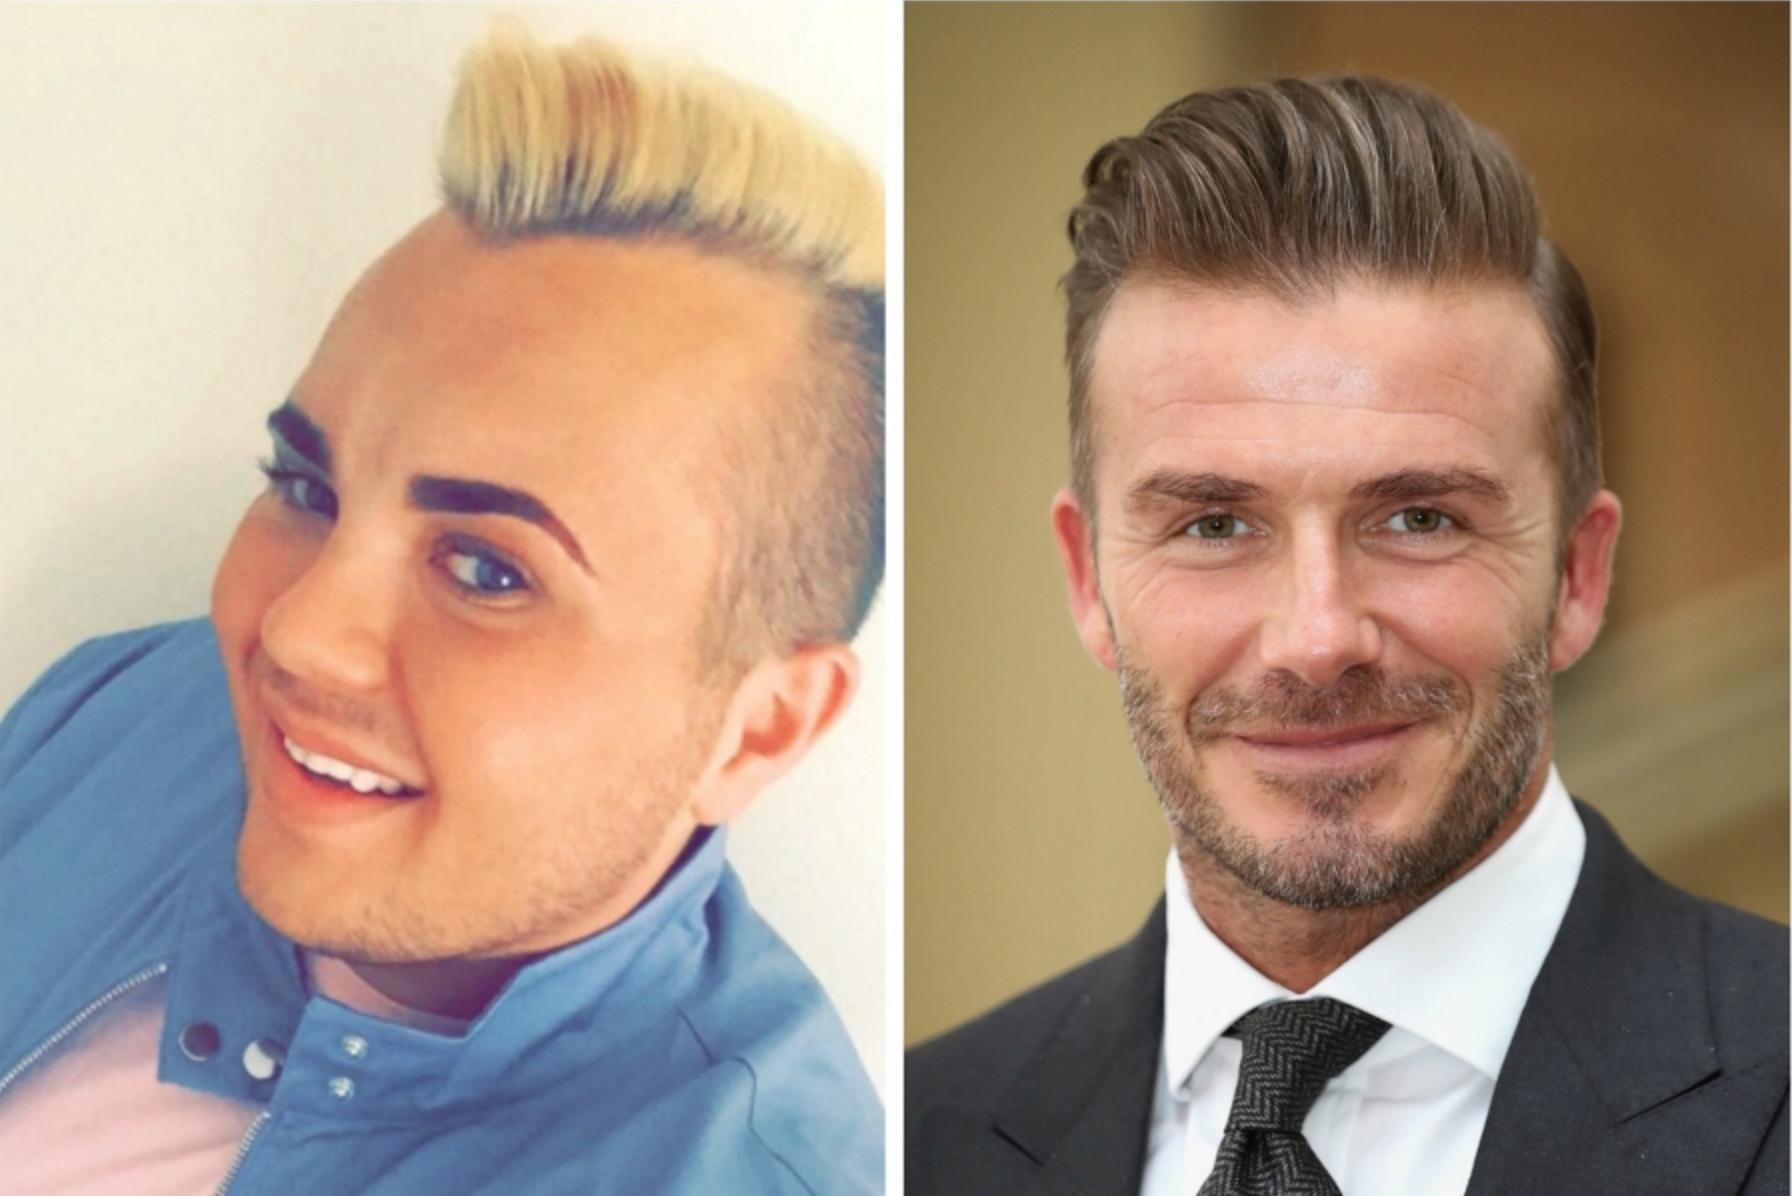 Se gasta 23,000 Euros para parecerse a David Beckham